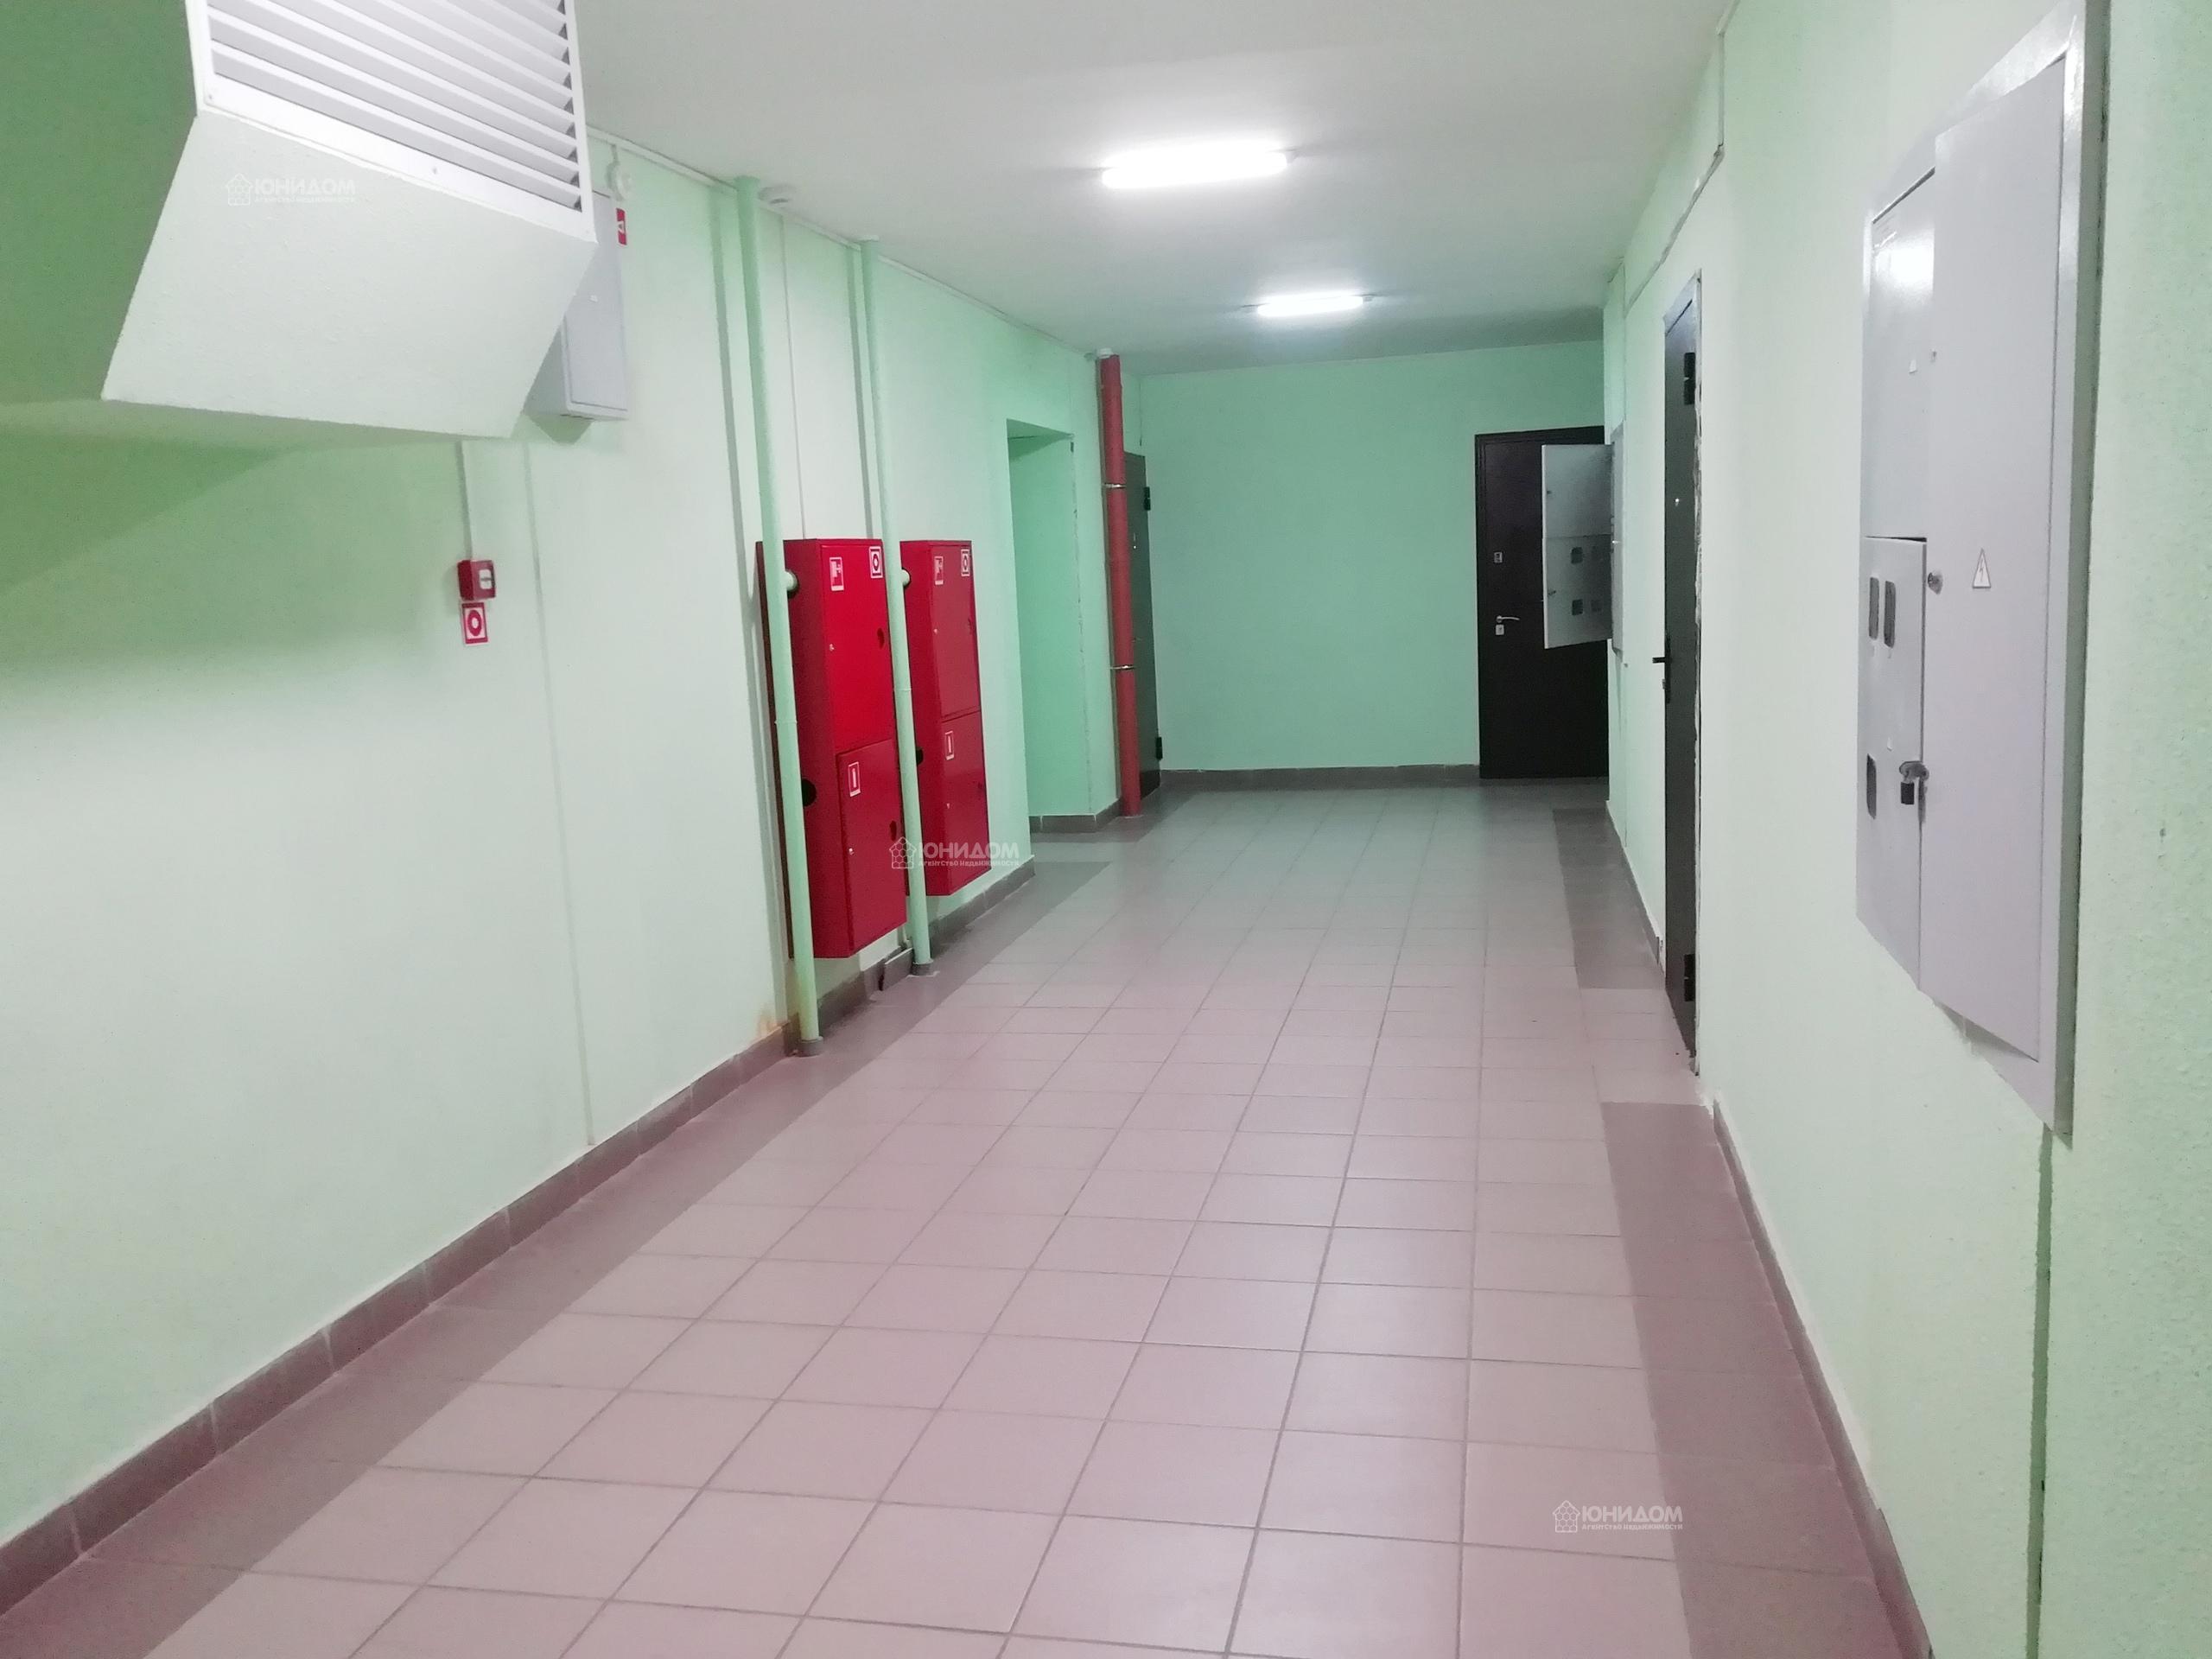 Продам инд по адресу Россия, Тюменская область, Тюмень, Энергостроителей, 25 к2 фото 21 по выгодной цене